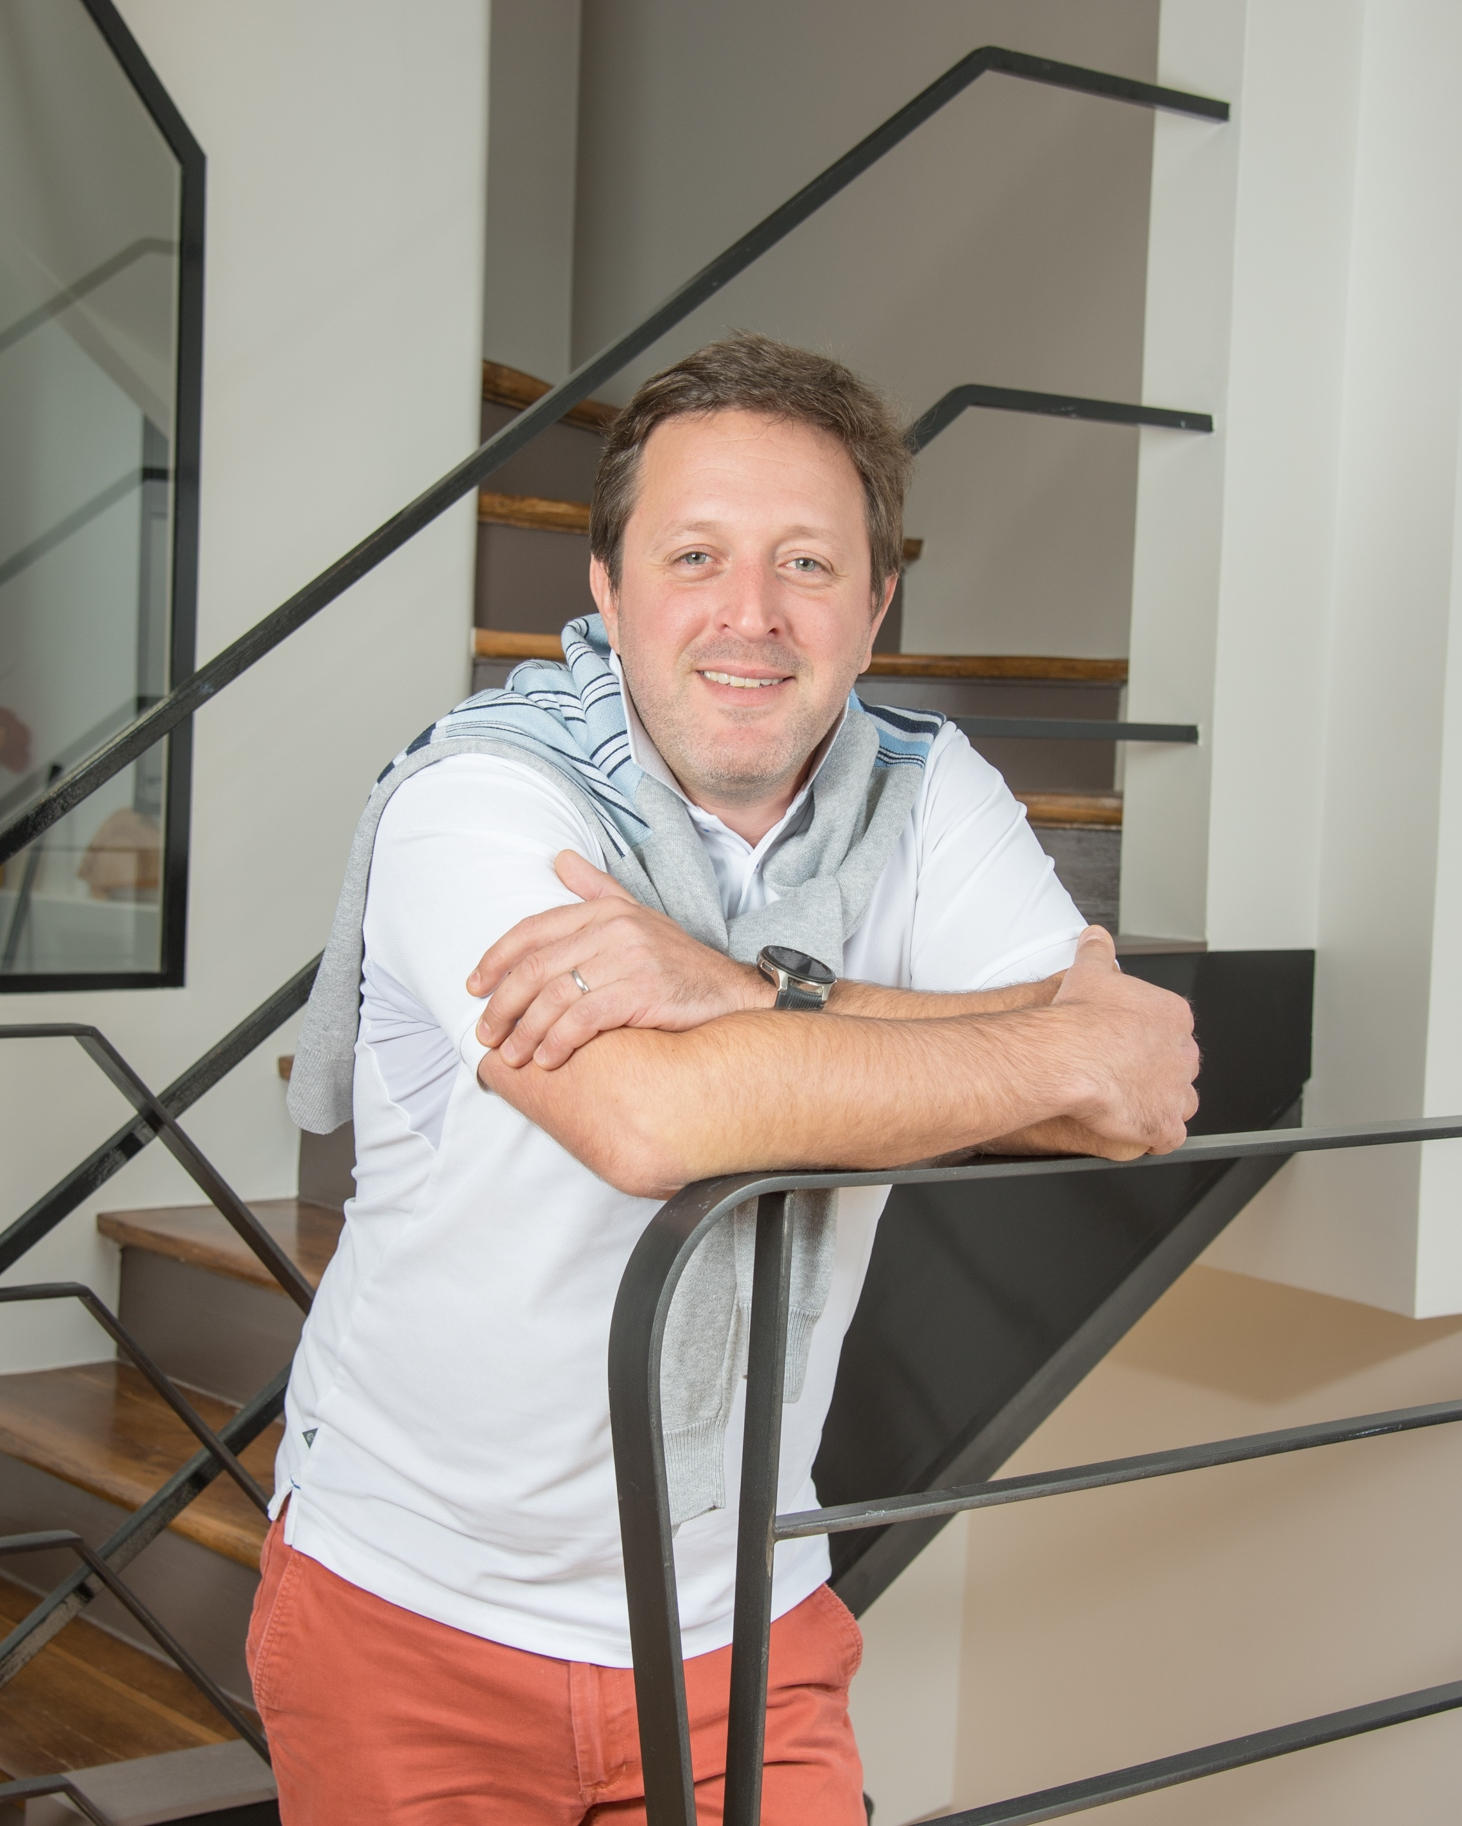 Jean-Charles Reiss